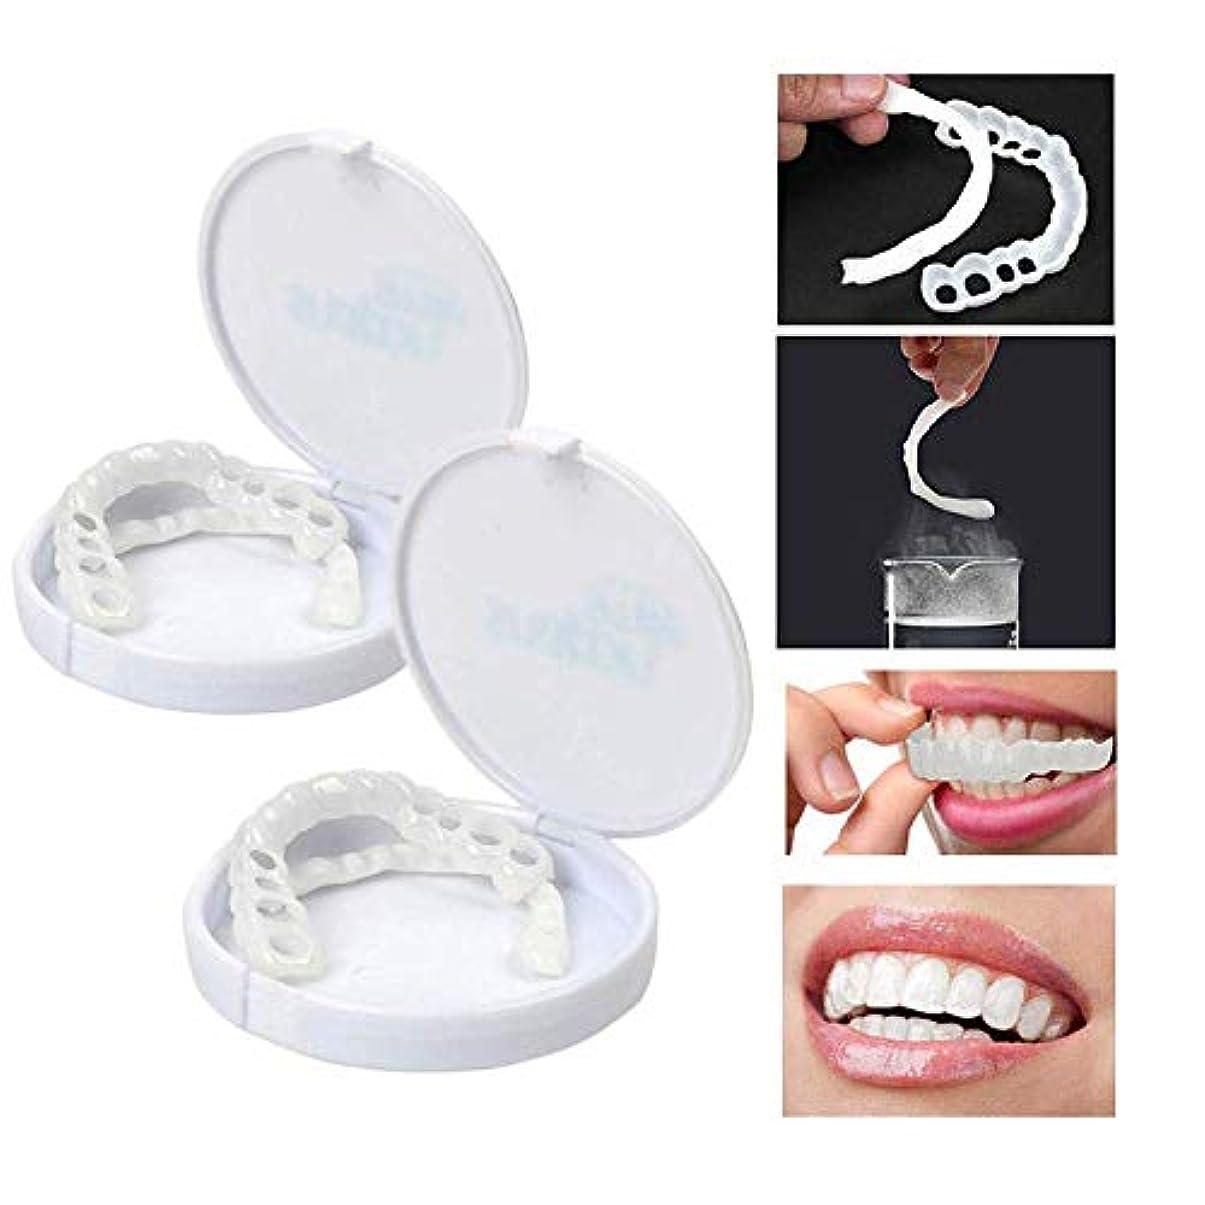 国籍たとえ不良2組歯のベニヤブレース、歯のフープ屋根付き歯の下のザティースフープのブレース、ビューティーブレース、歯科用化粧品デンタルベニア